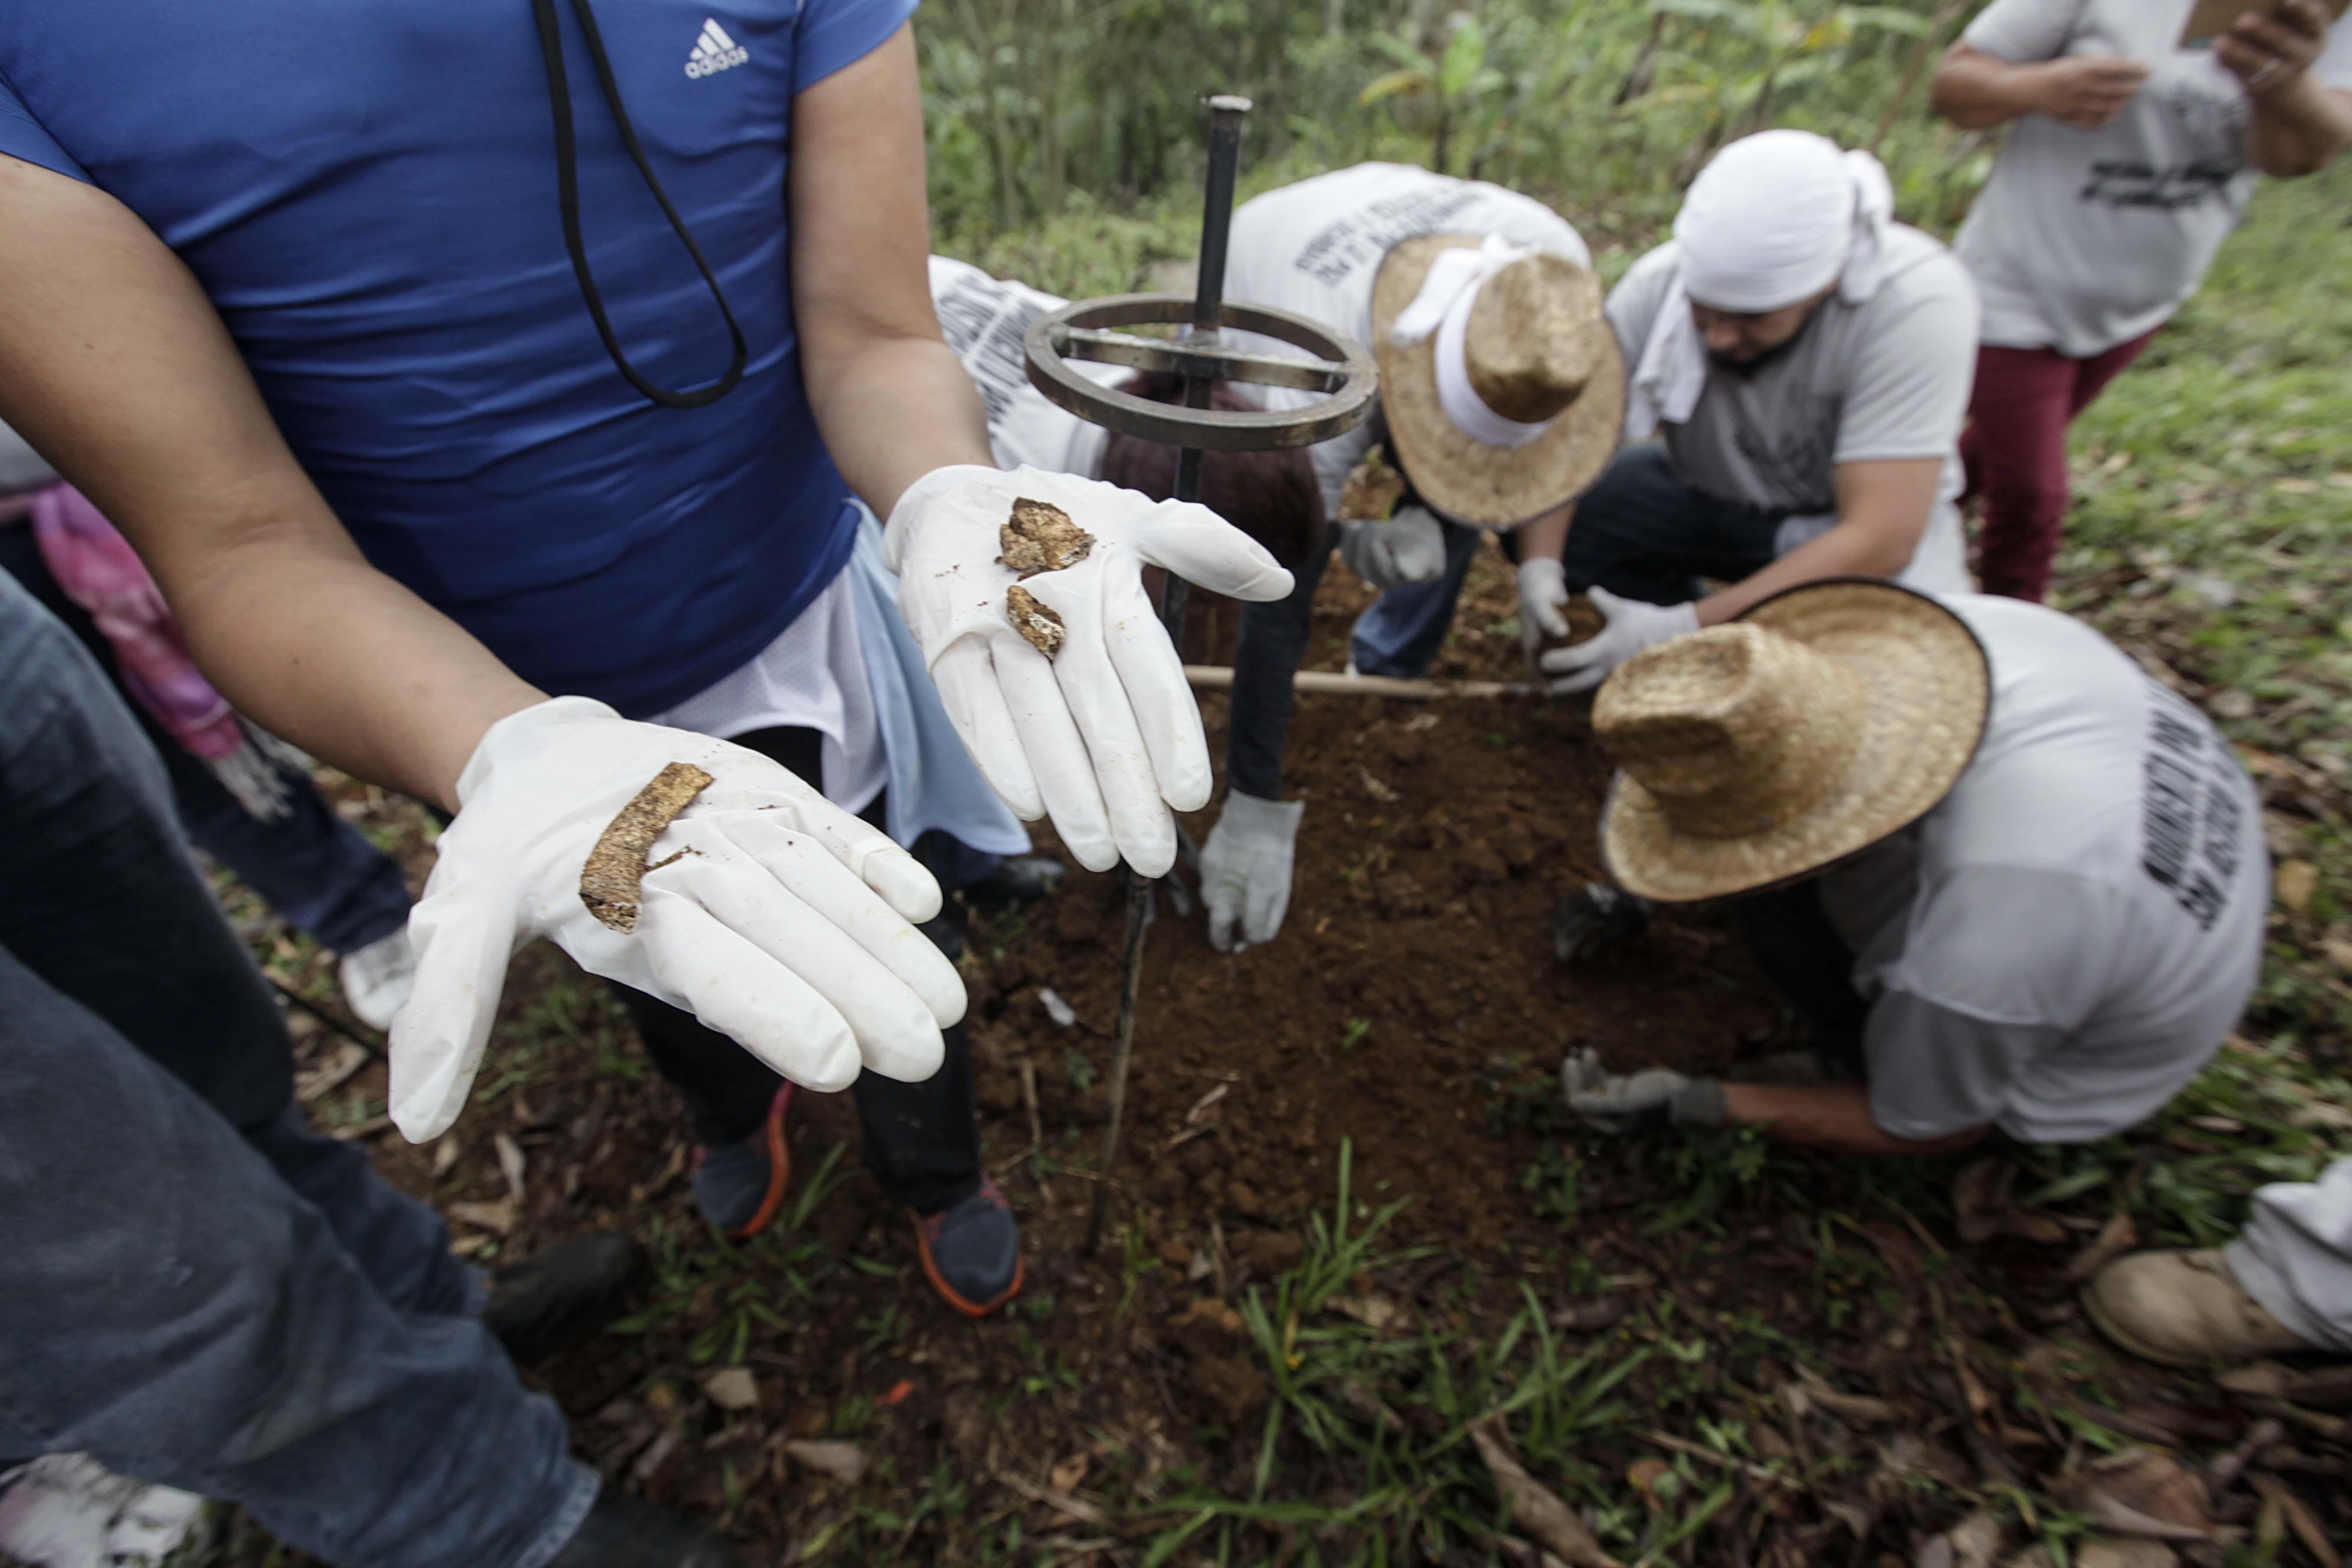 Hallazgos de restos óseos en fosa. Crédito: Germán Canseco/Proceso.